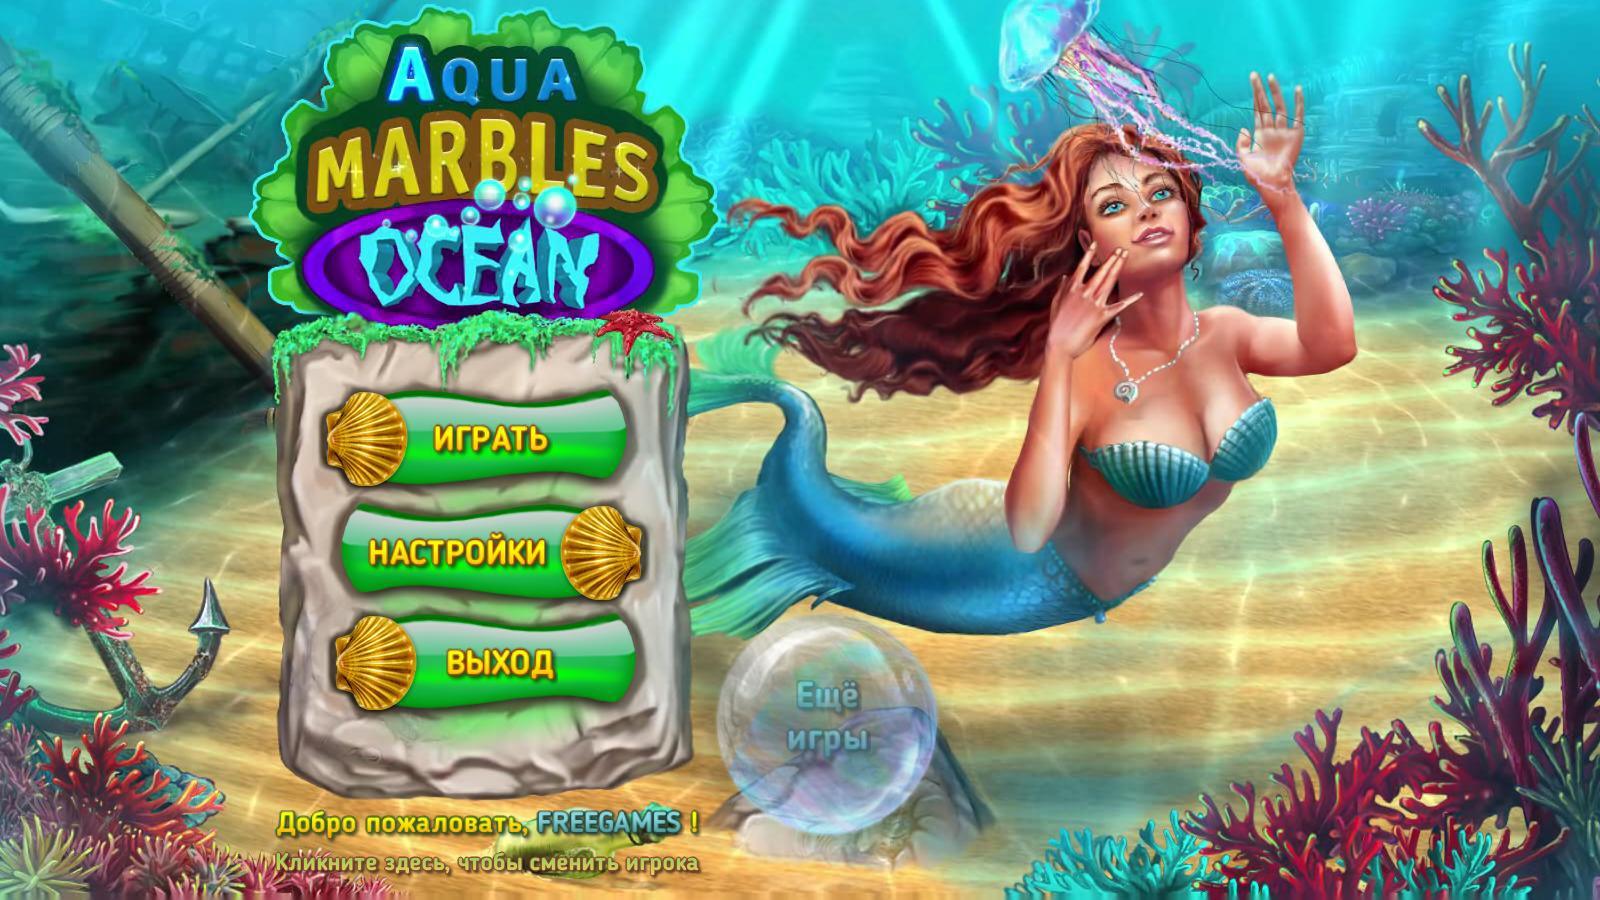 Aqua Marbles: Ocean (Rus)